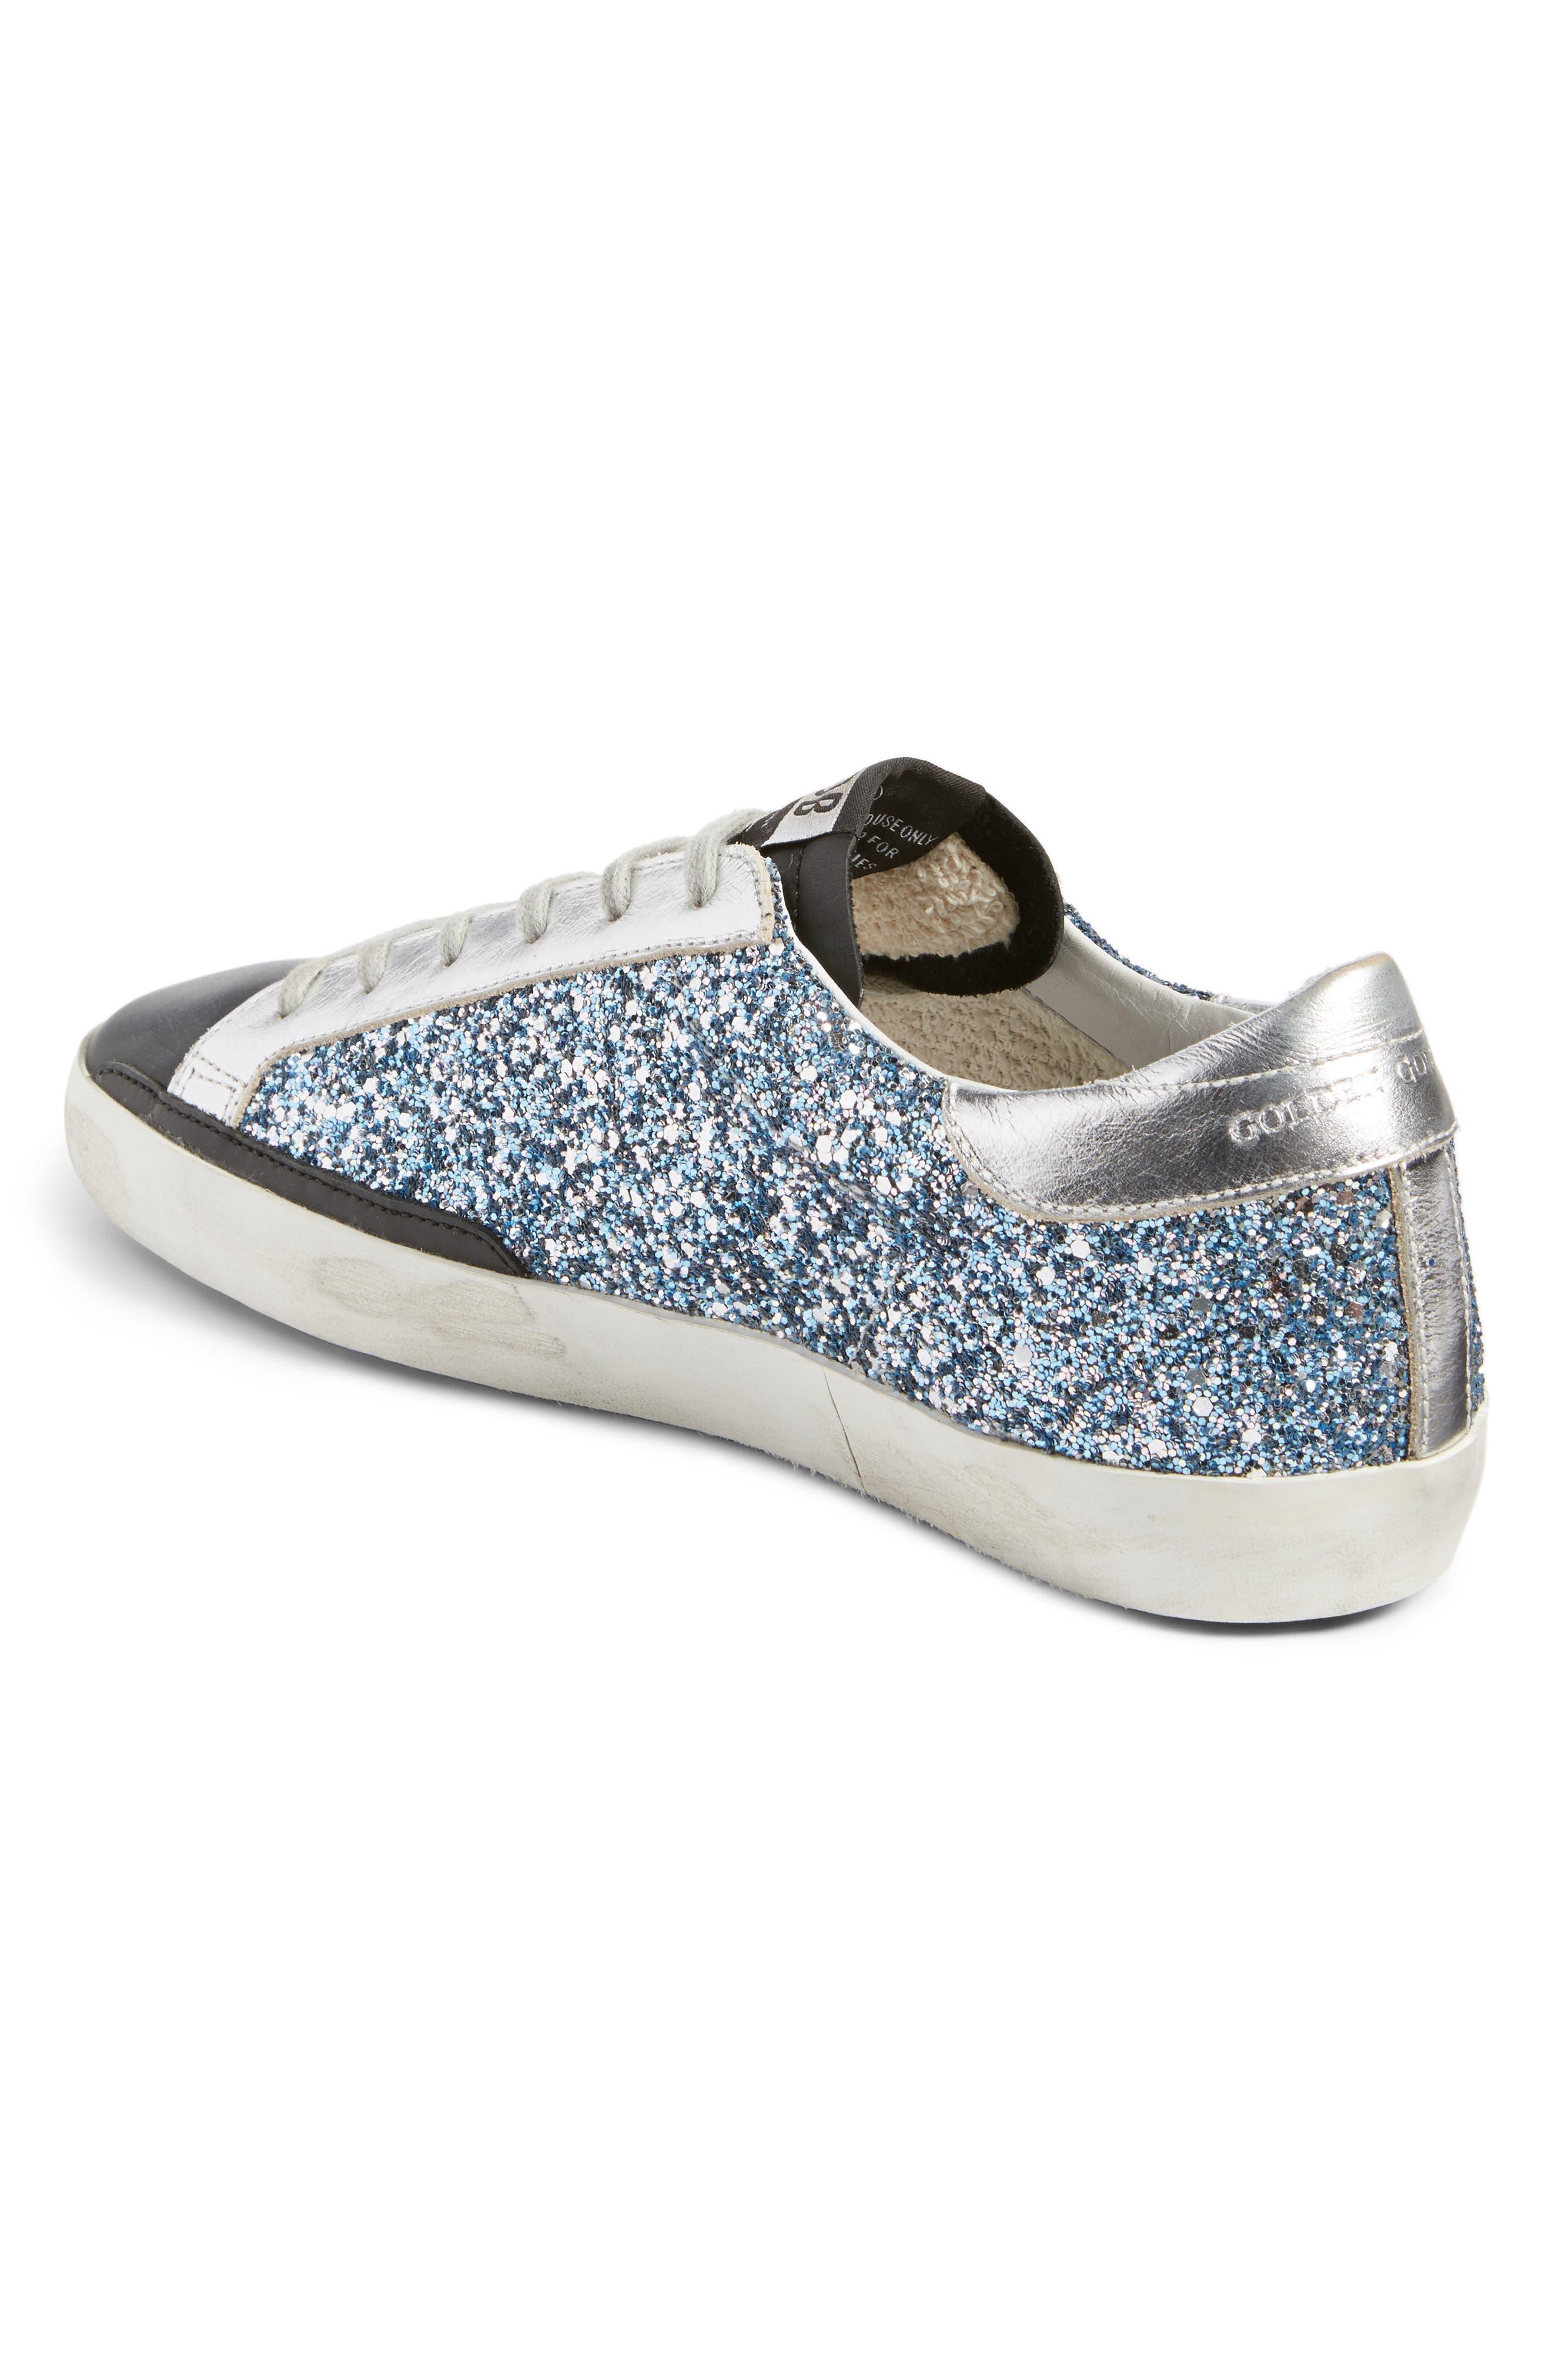 Superstar Glitter Sneaker,                             Alternate thumbnail 2, color,                             400